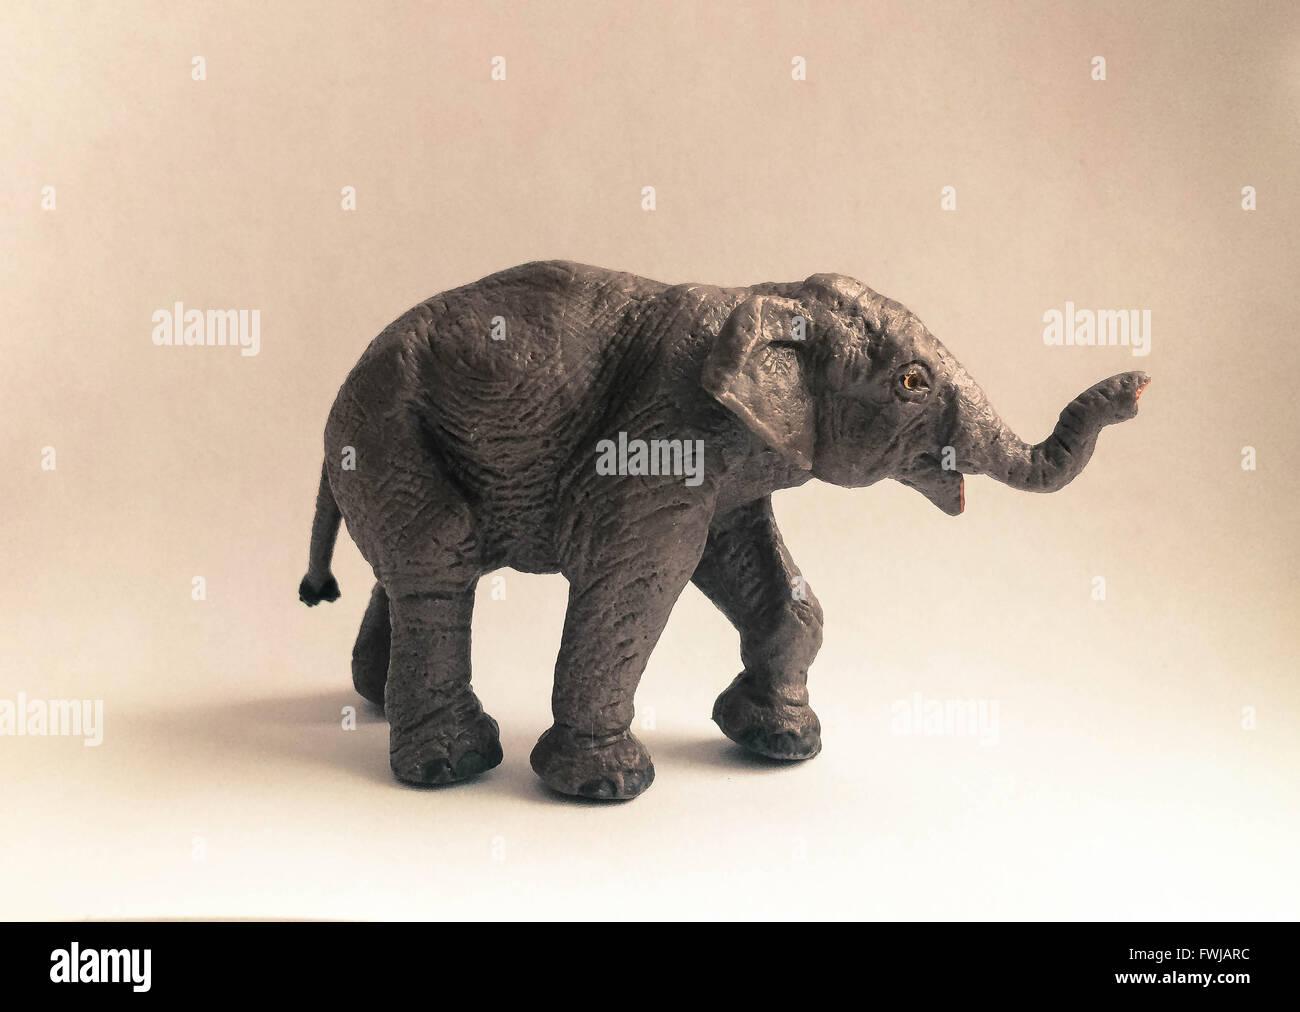 Close-Up Of Elephant Figurine On Beige Background - Stock Image